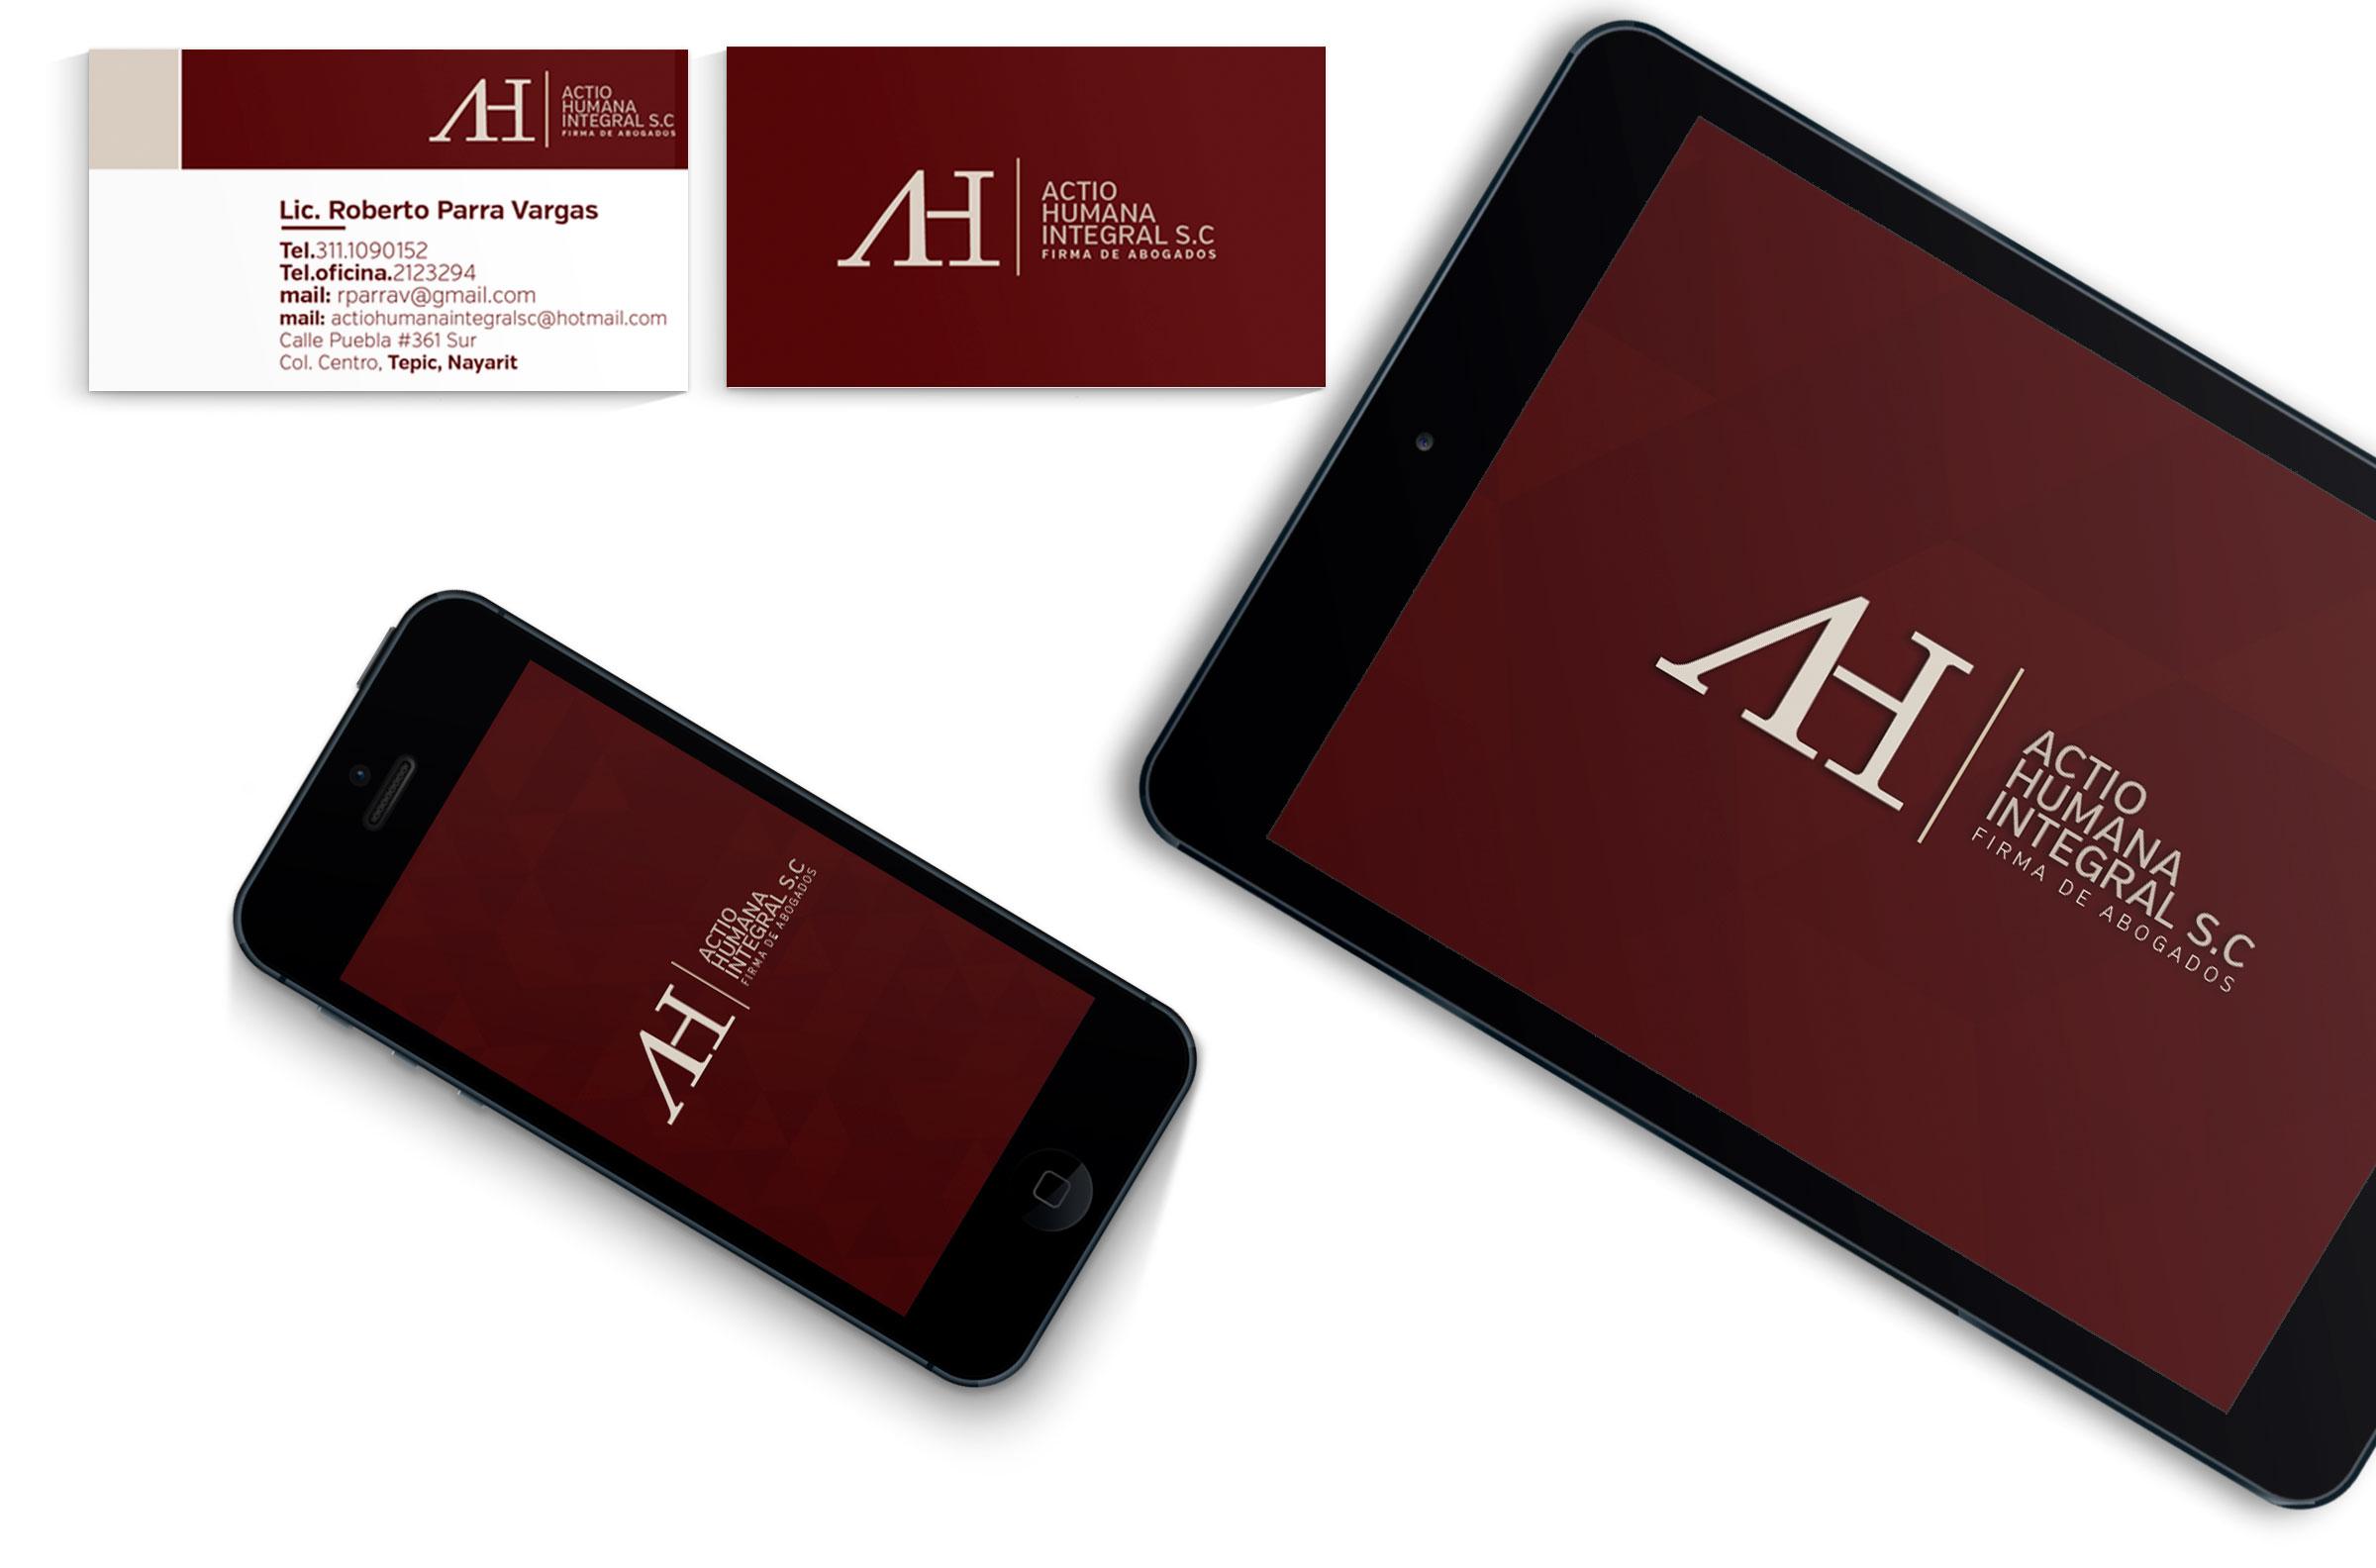 AMINagencia_ActioHumana_branding_2